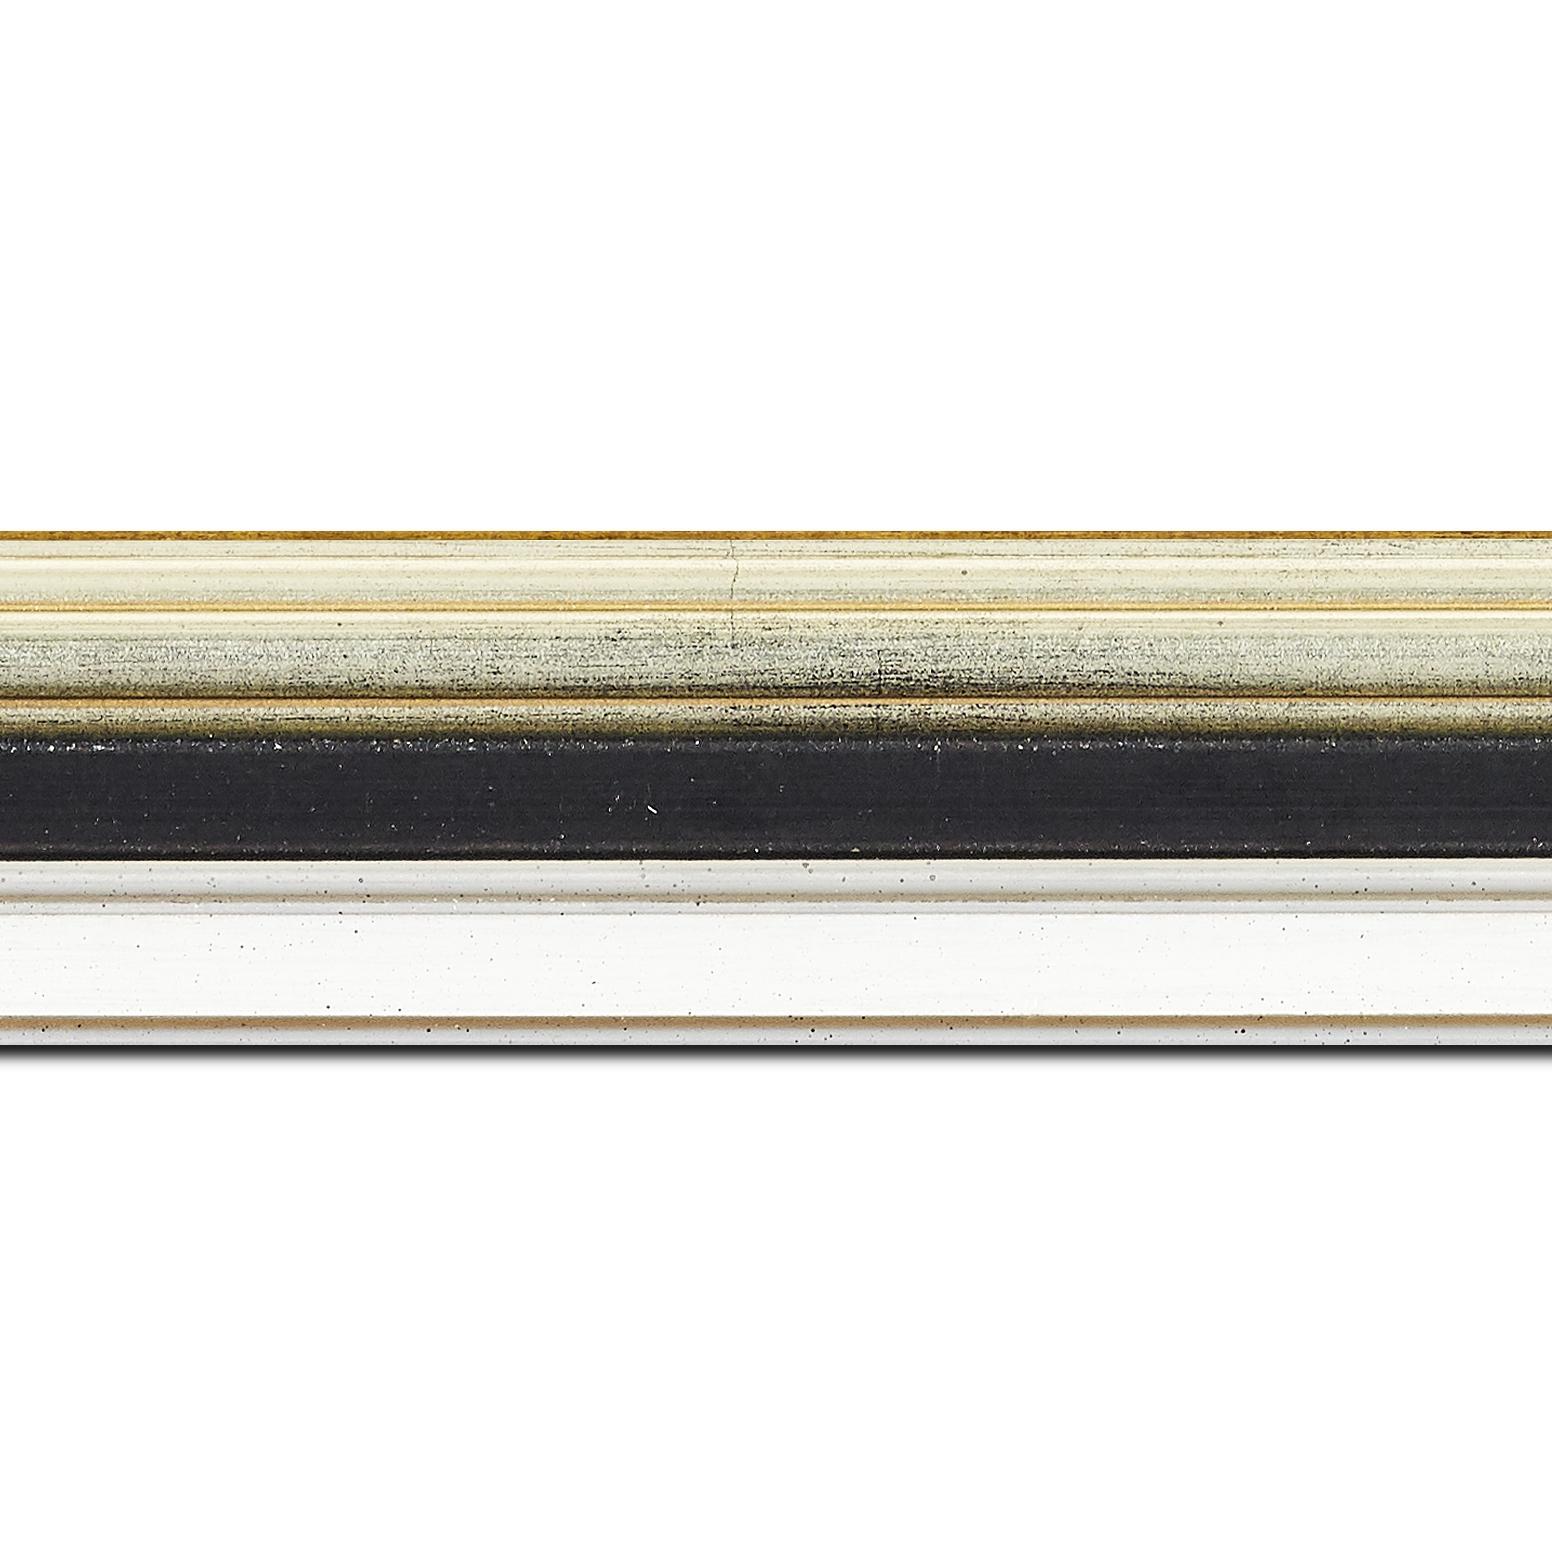 Baguette longueur 1.40m bois largeur 5.2cm argent gorge noire  marie louise blanche  filet argent intégrée